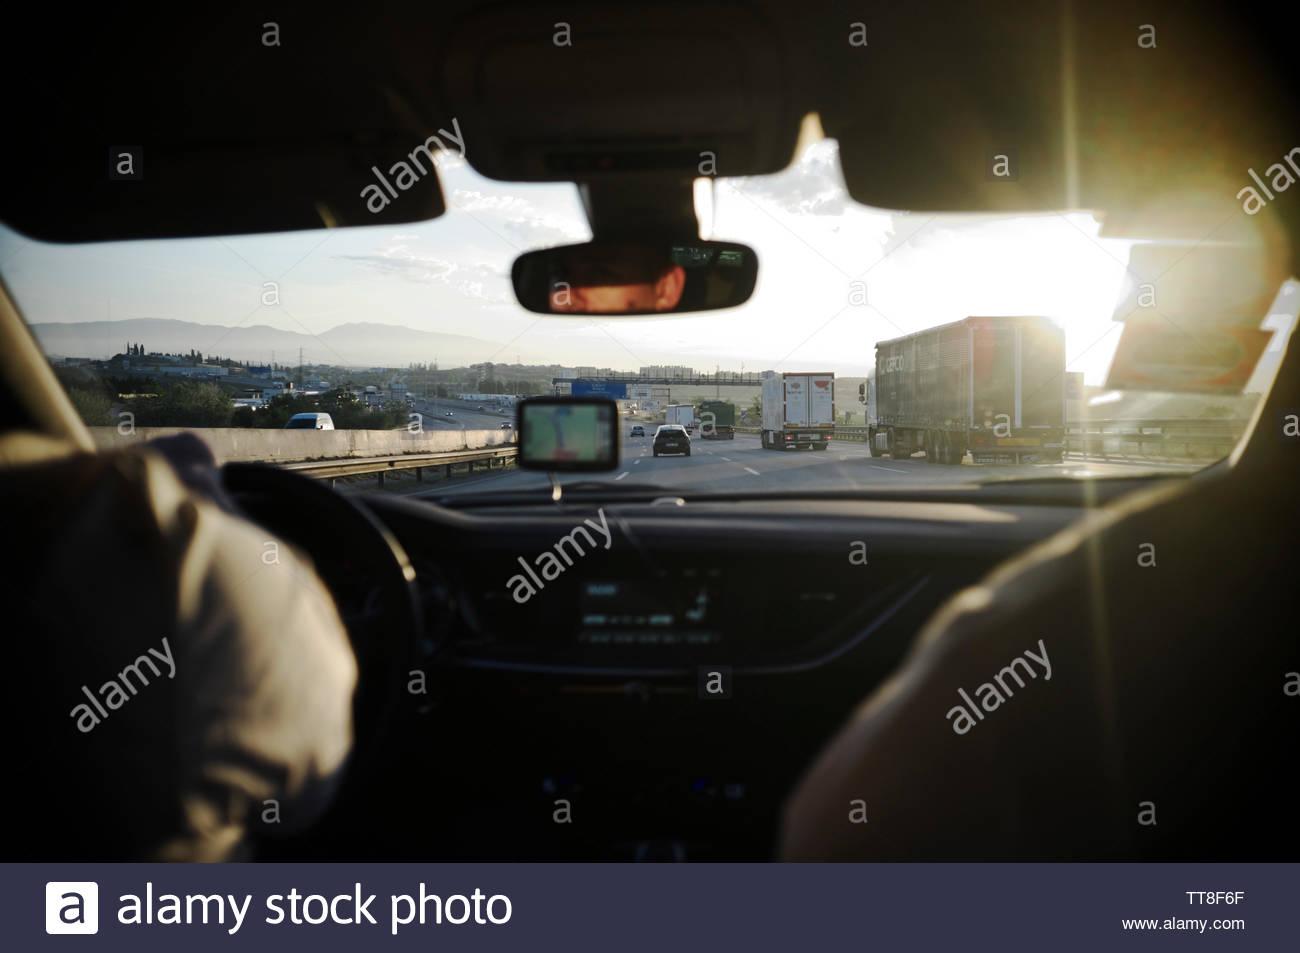 driving-along-in-a-car-on-the-autopista-ap-7-toll-motorway-near-barcelona-spain-TT8F6F.jpg